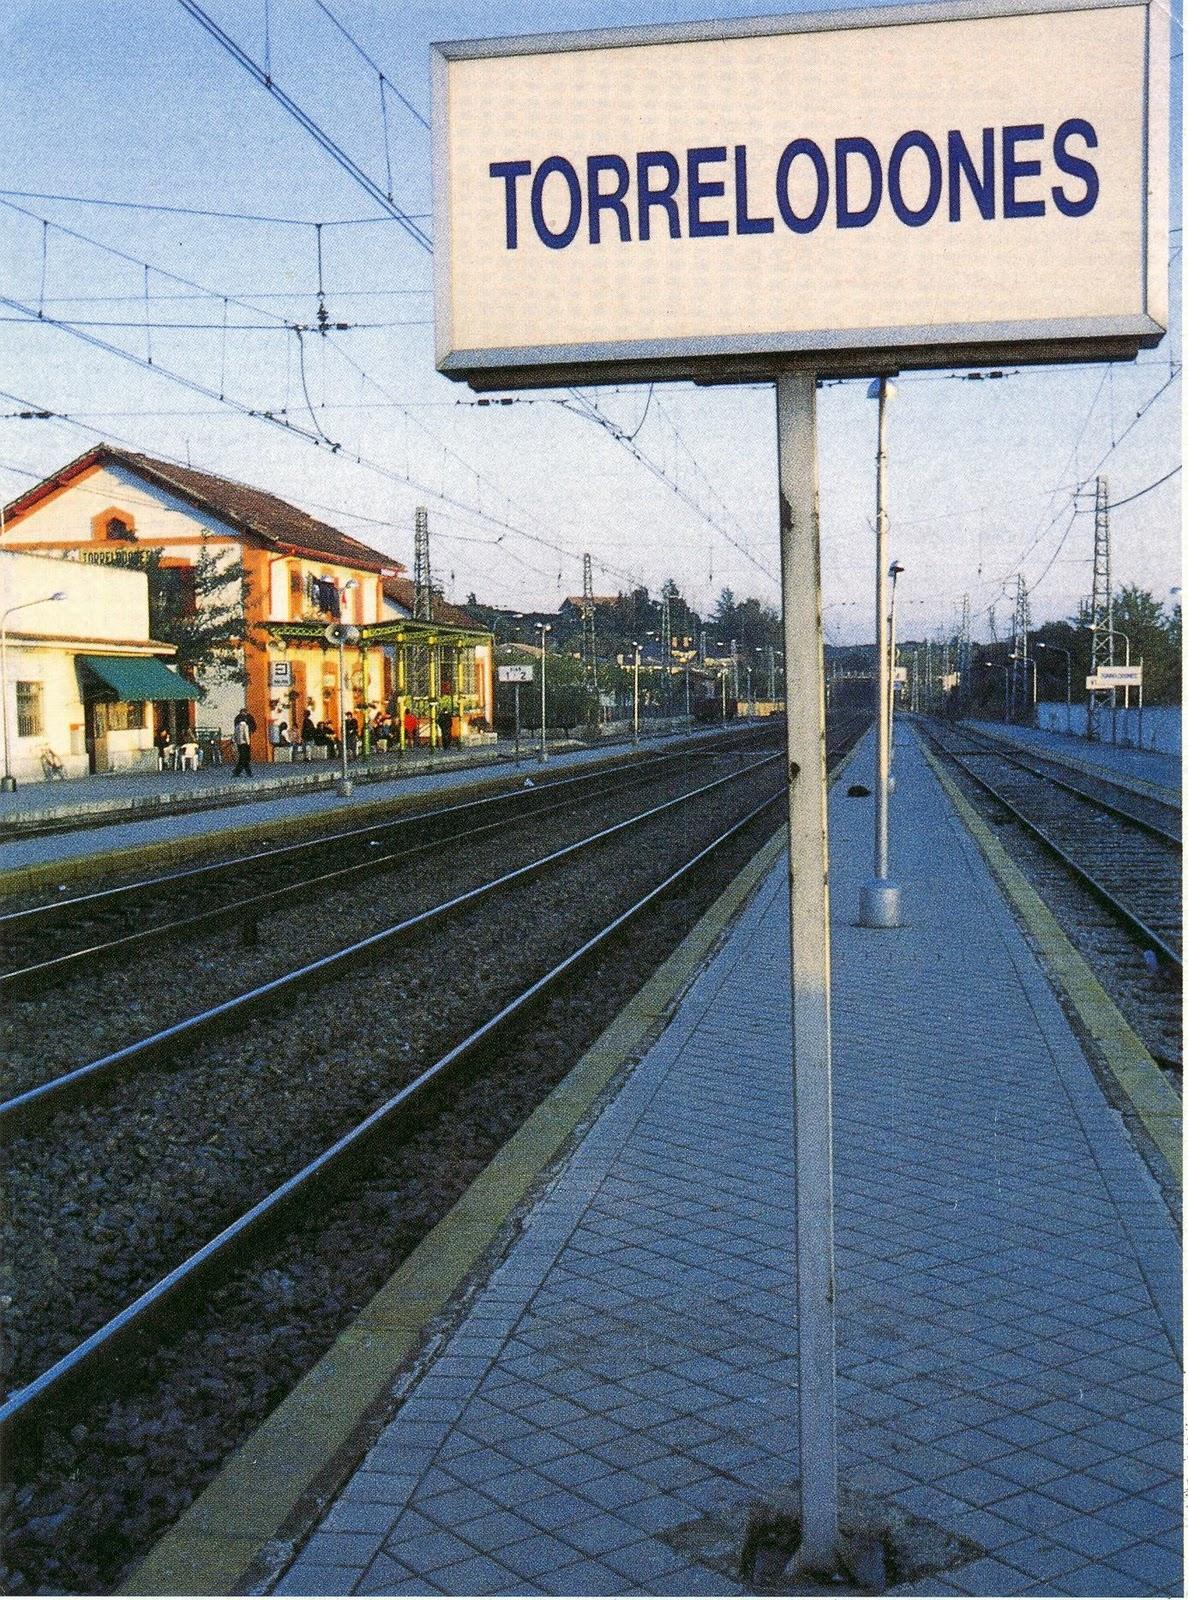 Galer a las cuatro estaciones torrelodones madrid - Trabajo en torrelodones ...